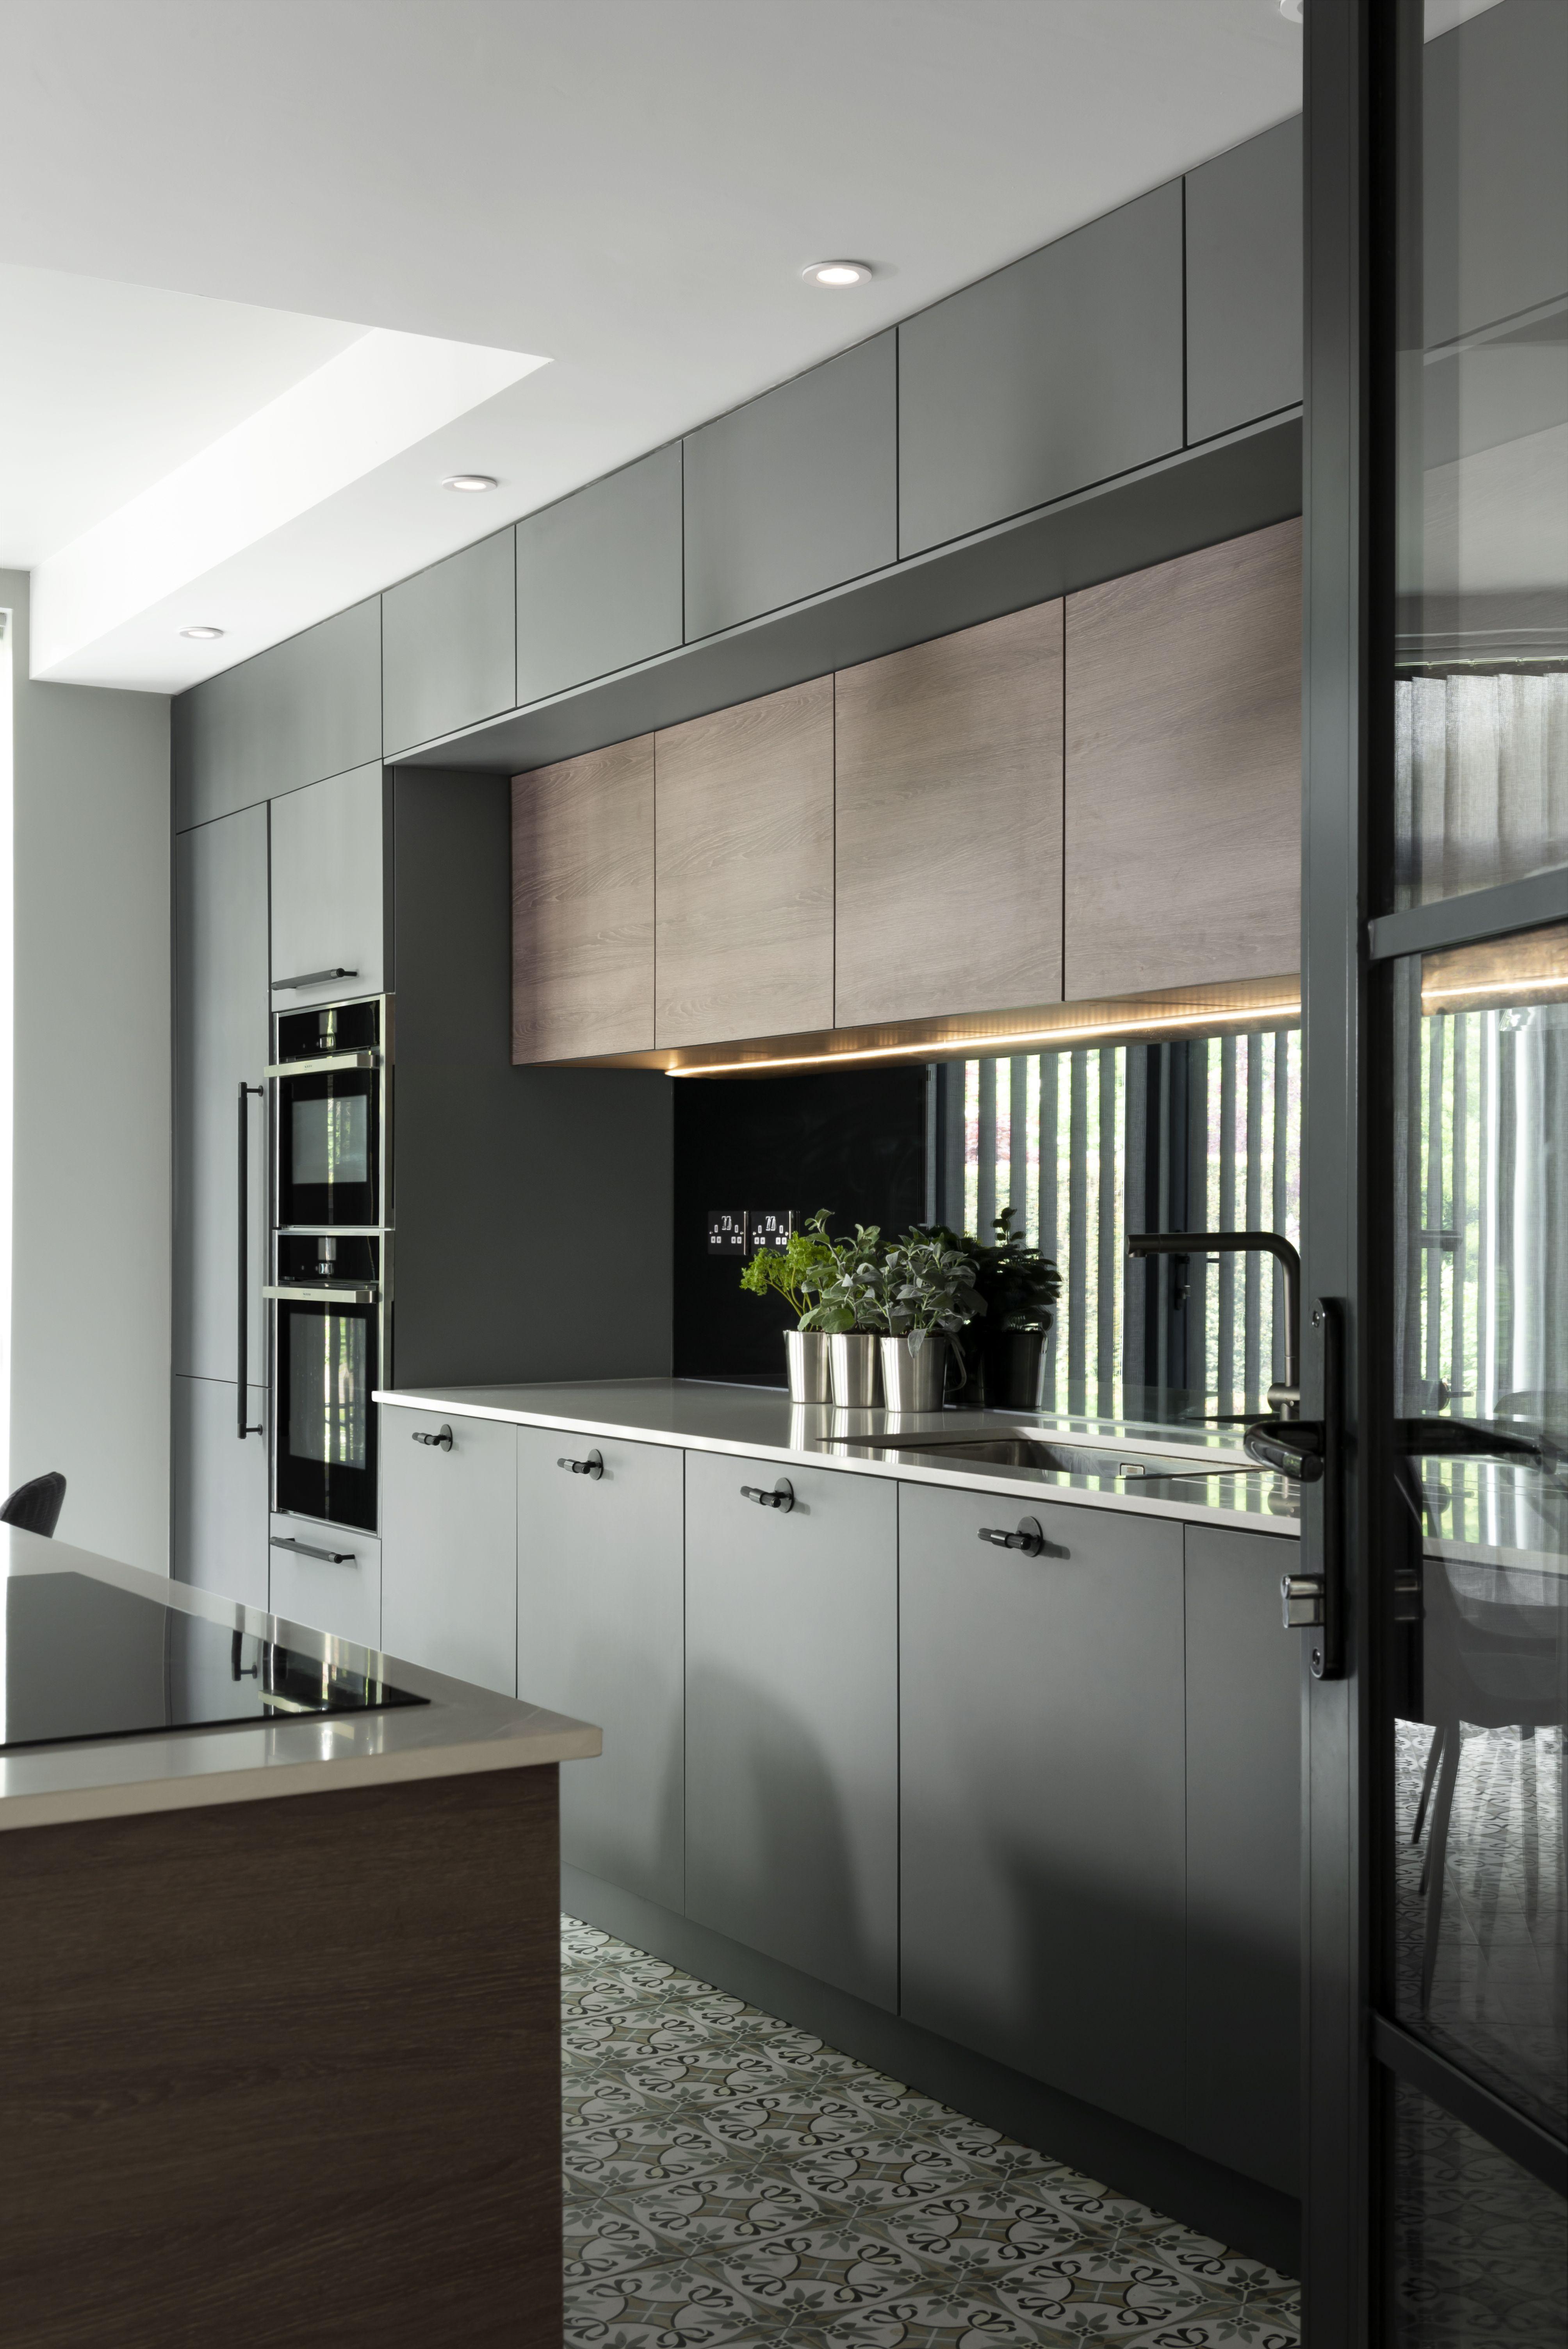 Original Buster Punch Solid Hardware Contemporary Style Kitchen Kitchen Furniture Design Kitchen Room Design